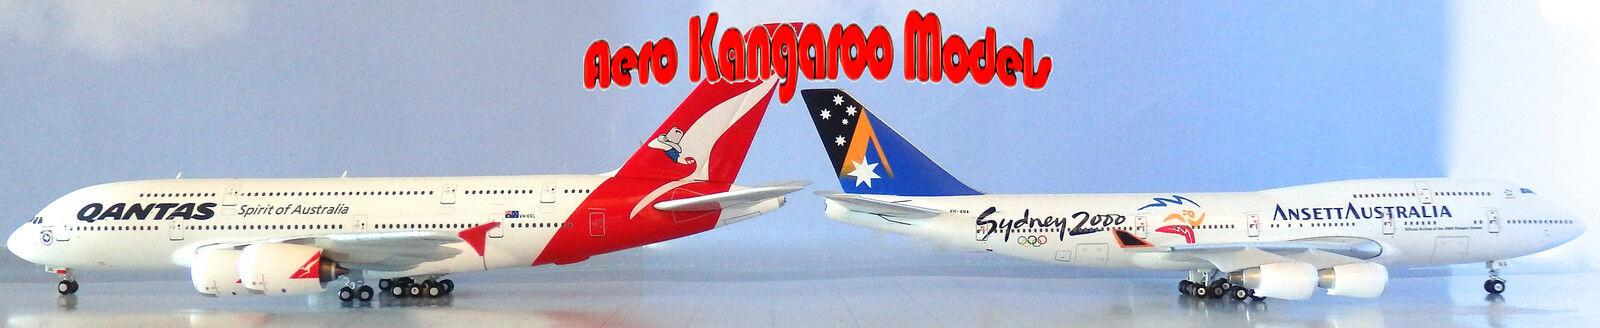 Aerokangaroo-models